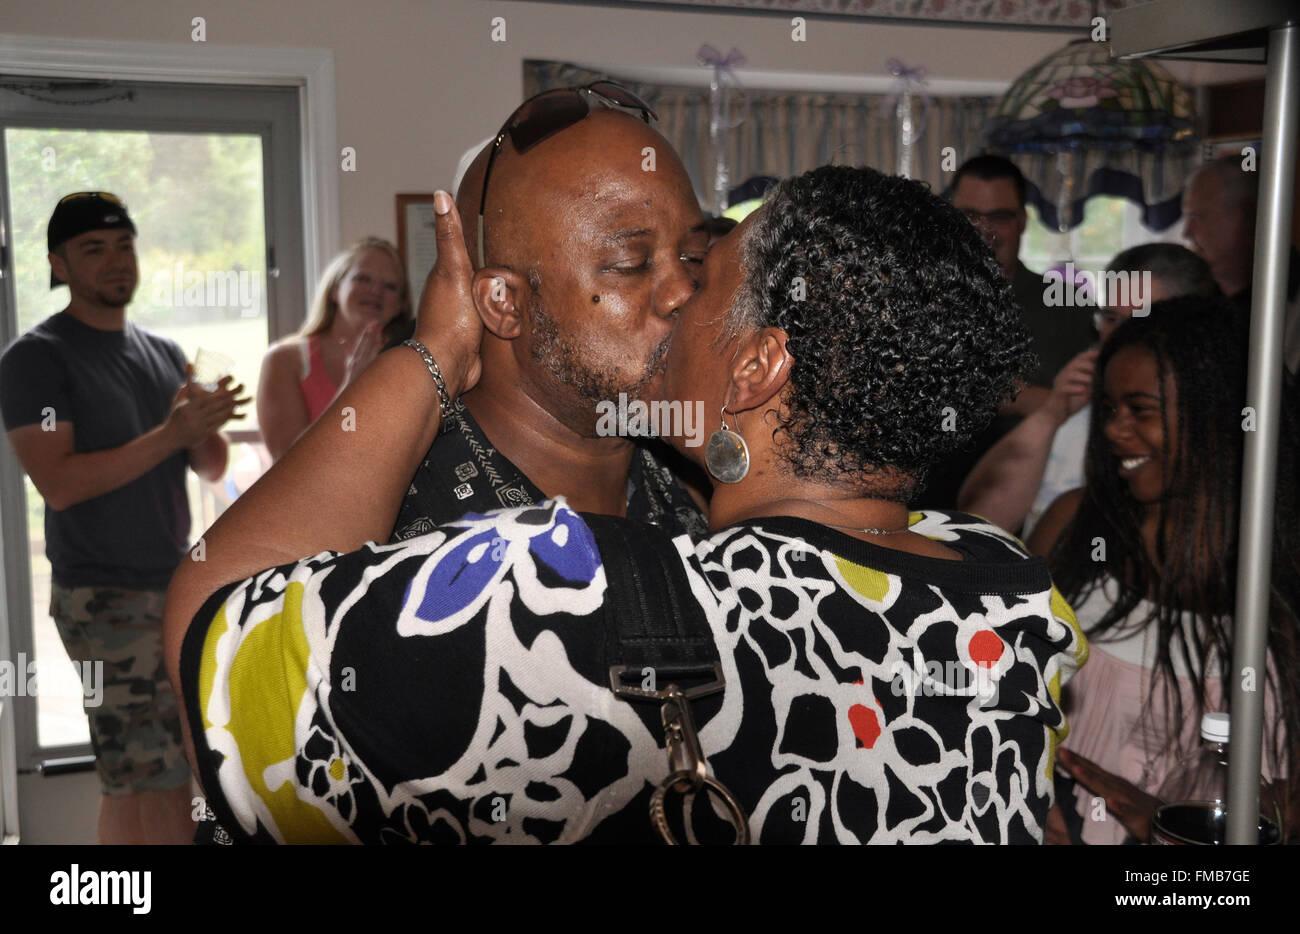 Paar Exchange einen leidenschaftlichen Kuss auf ihrer 30. Hochzeitstag Stockbild